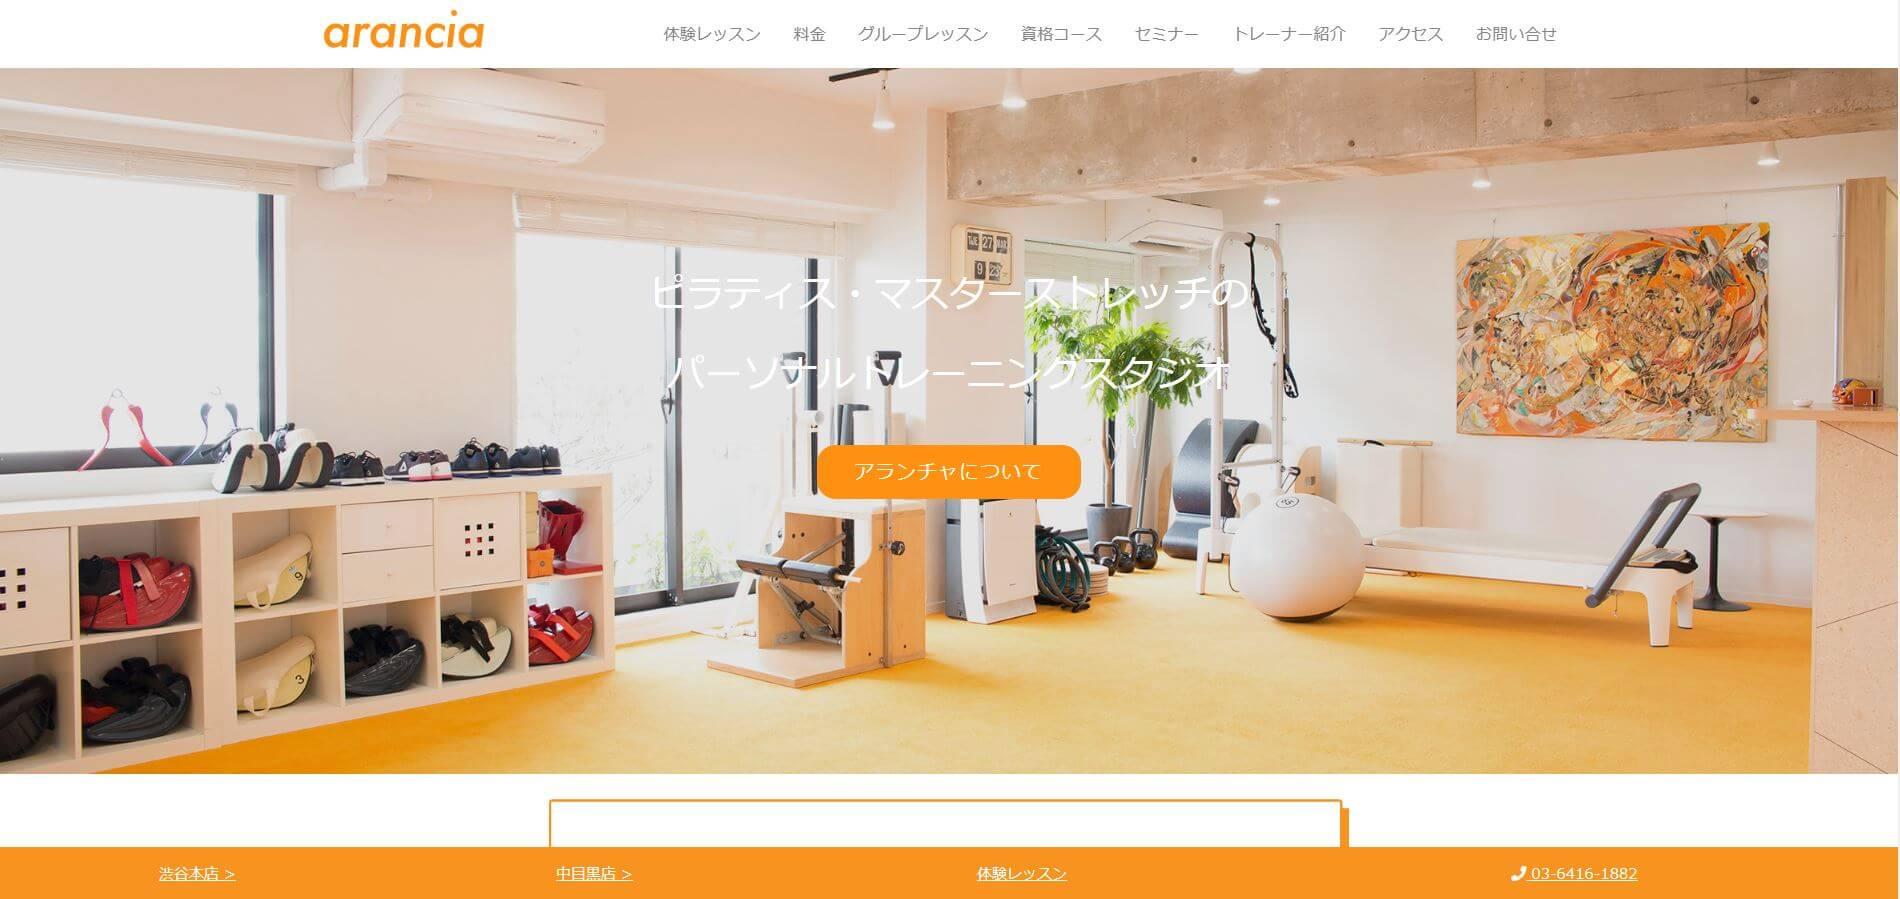 ピラティス・スタジオ・アランチャ渋谷本店